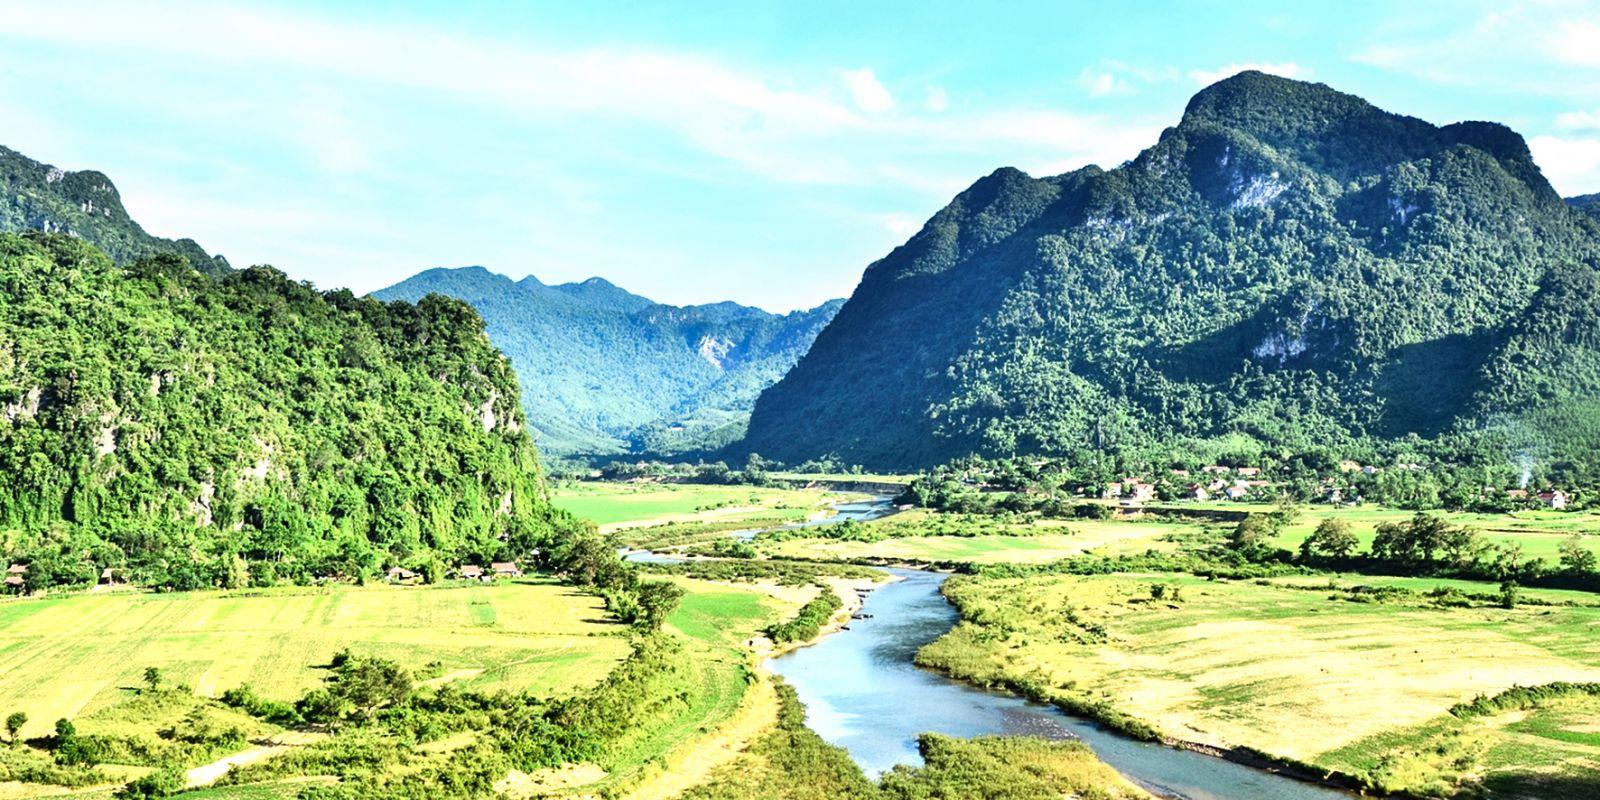 Một bản làng trên đường Hồ Chí Minh, bên dòng sông thơ mộng. Ảnh: DU MIÊN